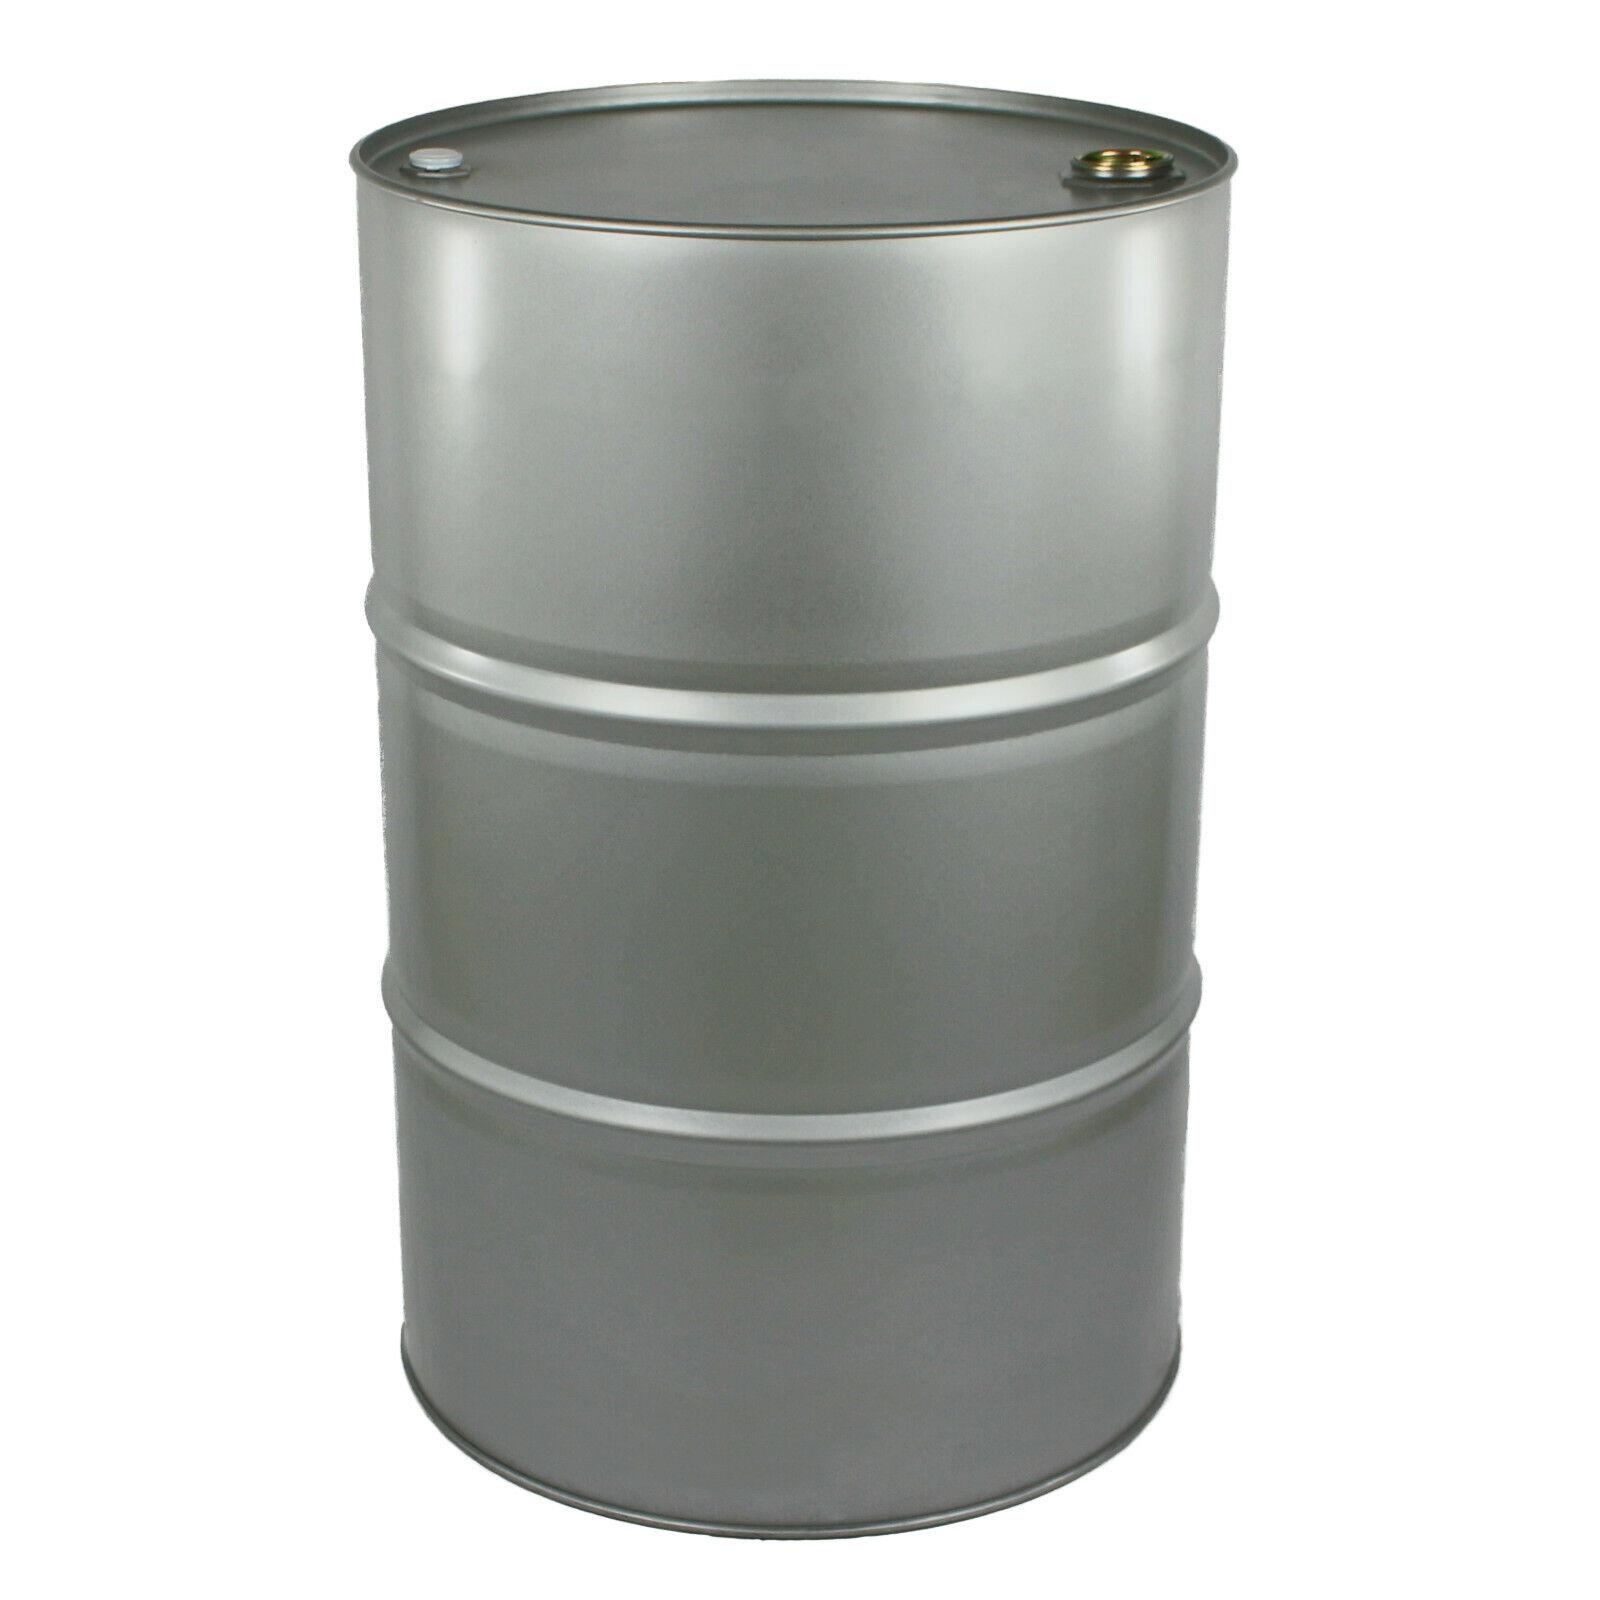 60 Liter grün Deckelfass Drehdeckel Kunststofftonne Vorratsfass Behälter NEU